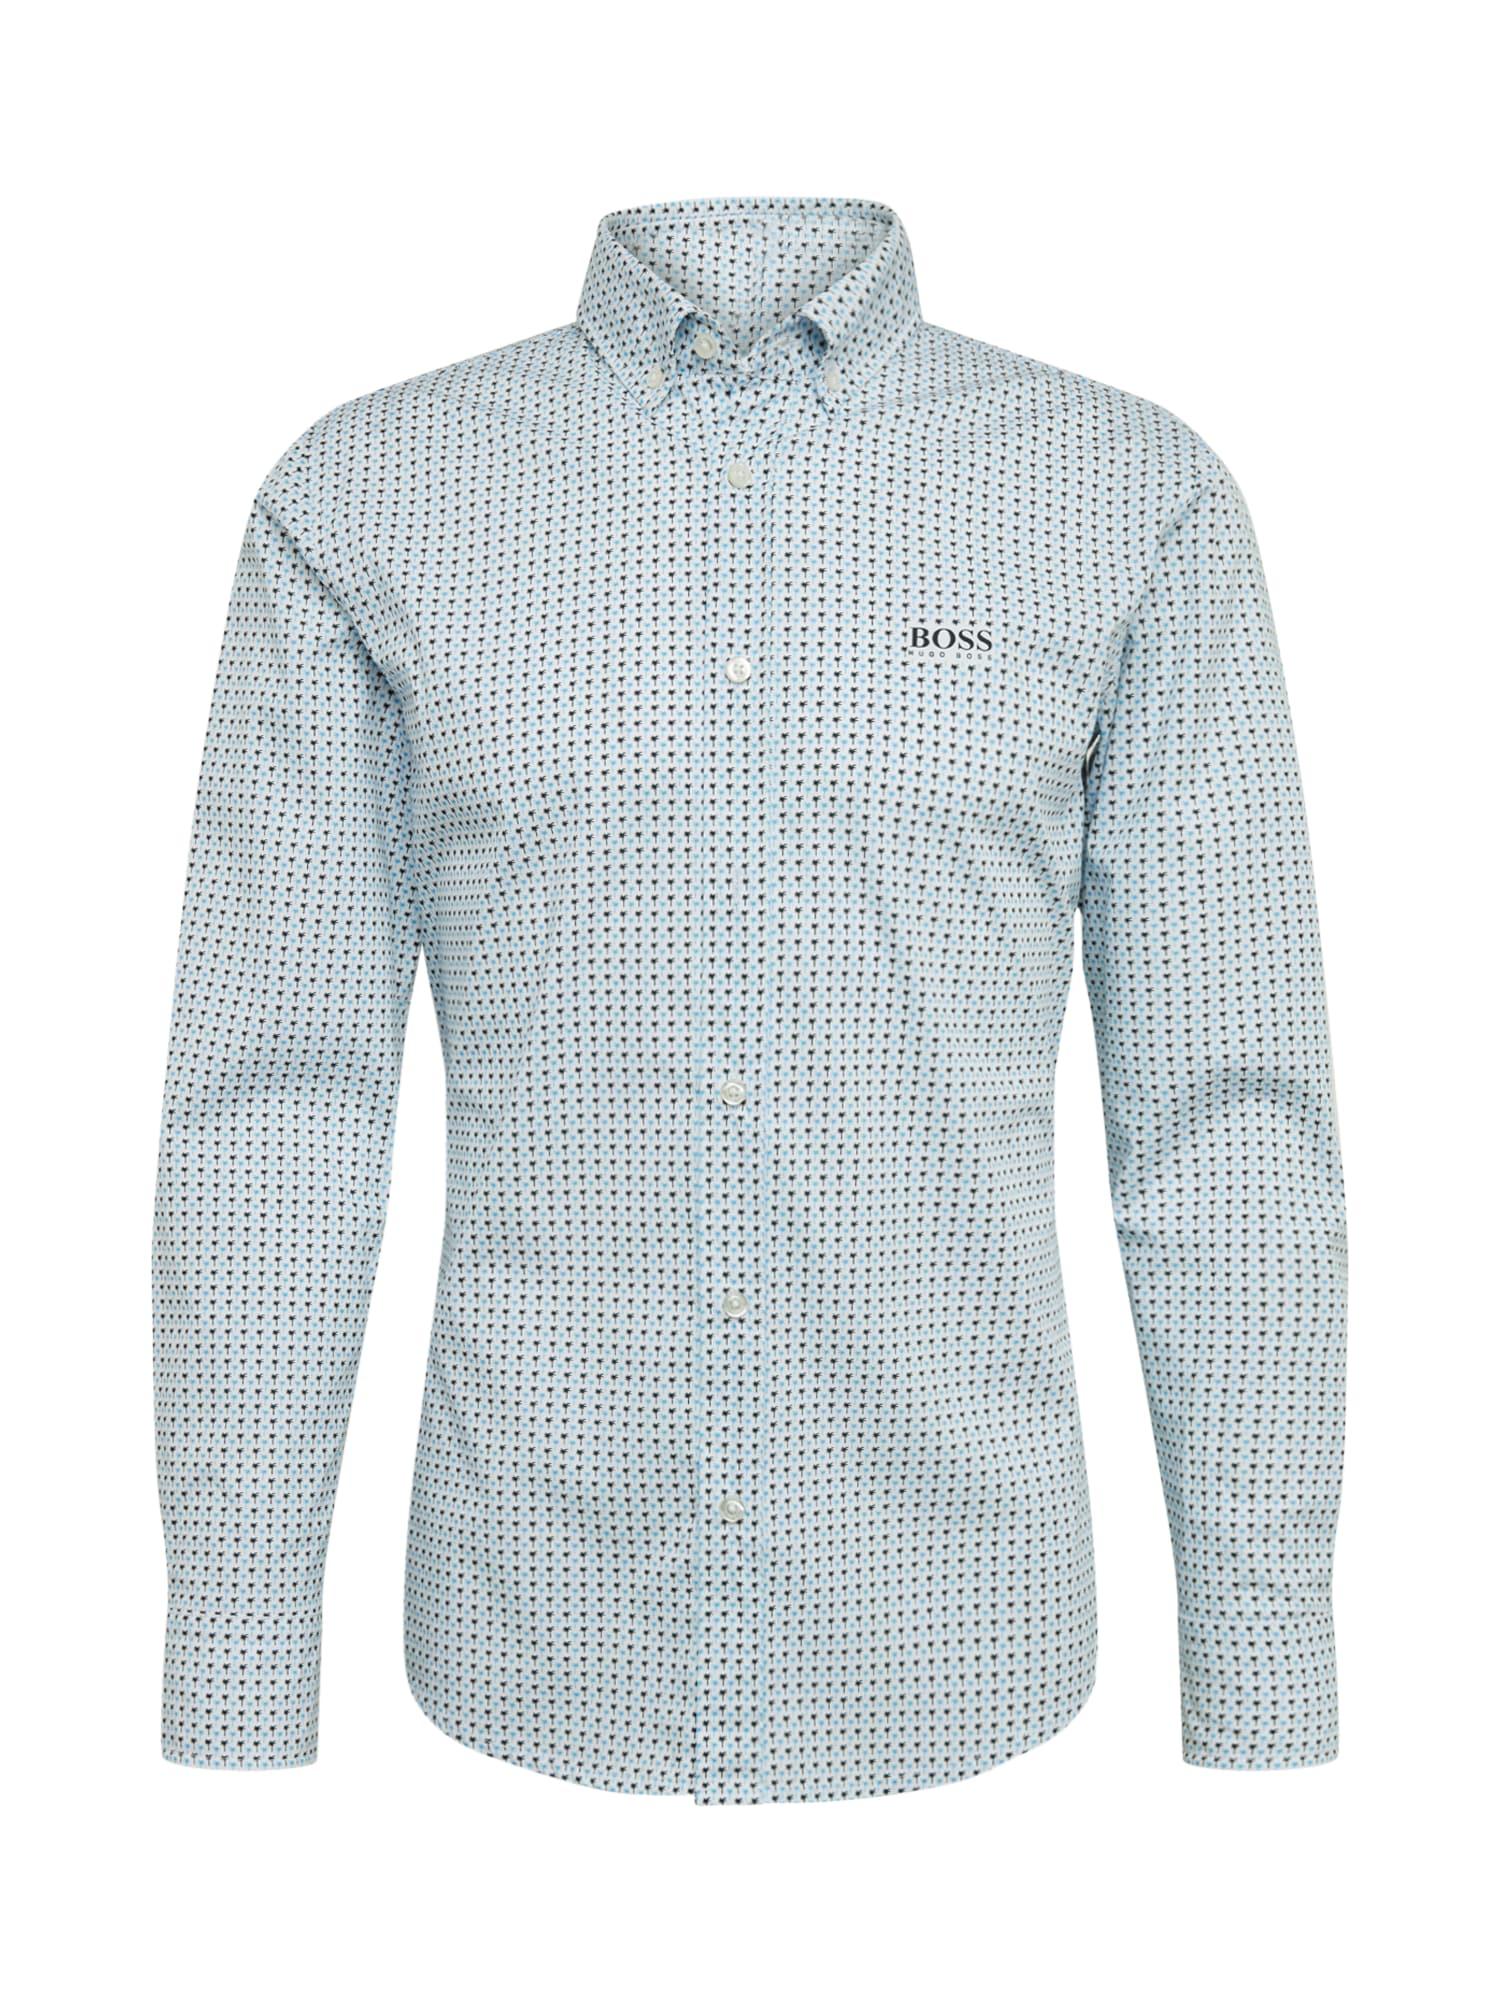 BOSS Dalykiniai marškiniai 'Mabsoot' balta